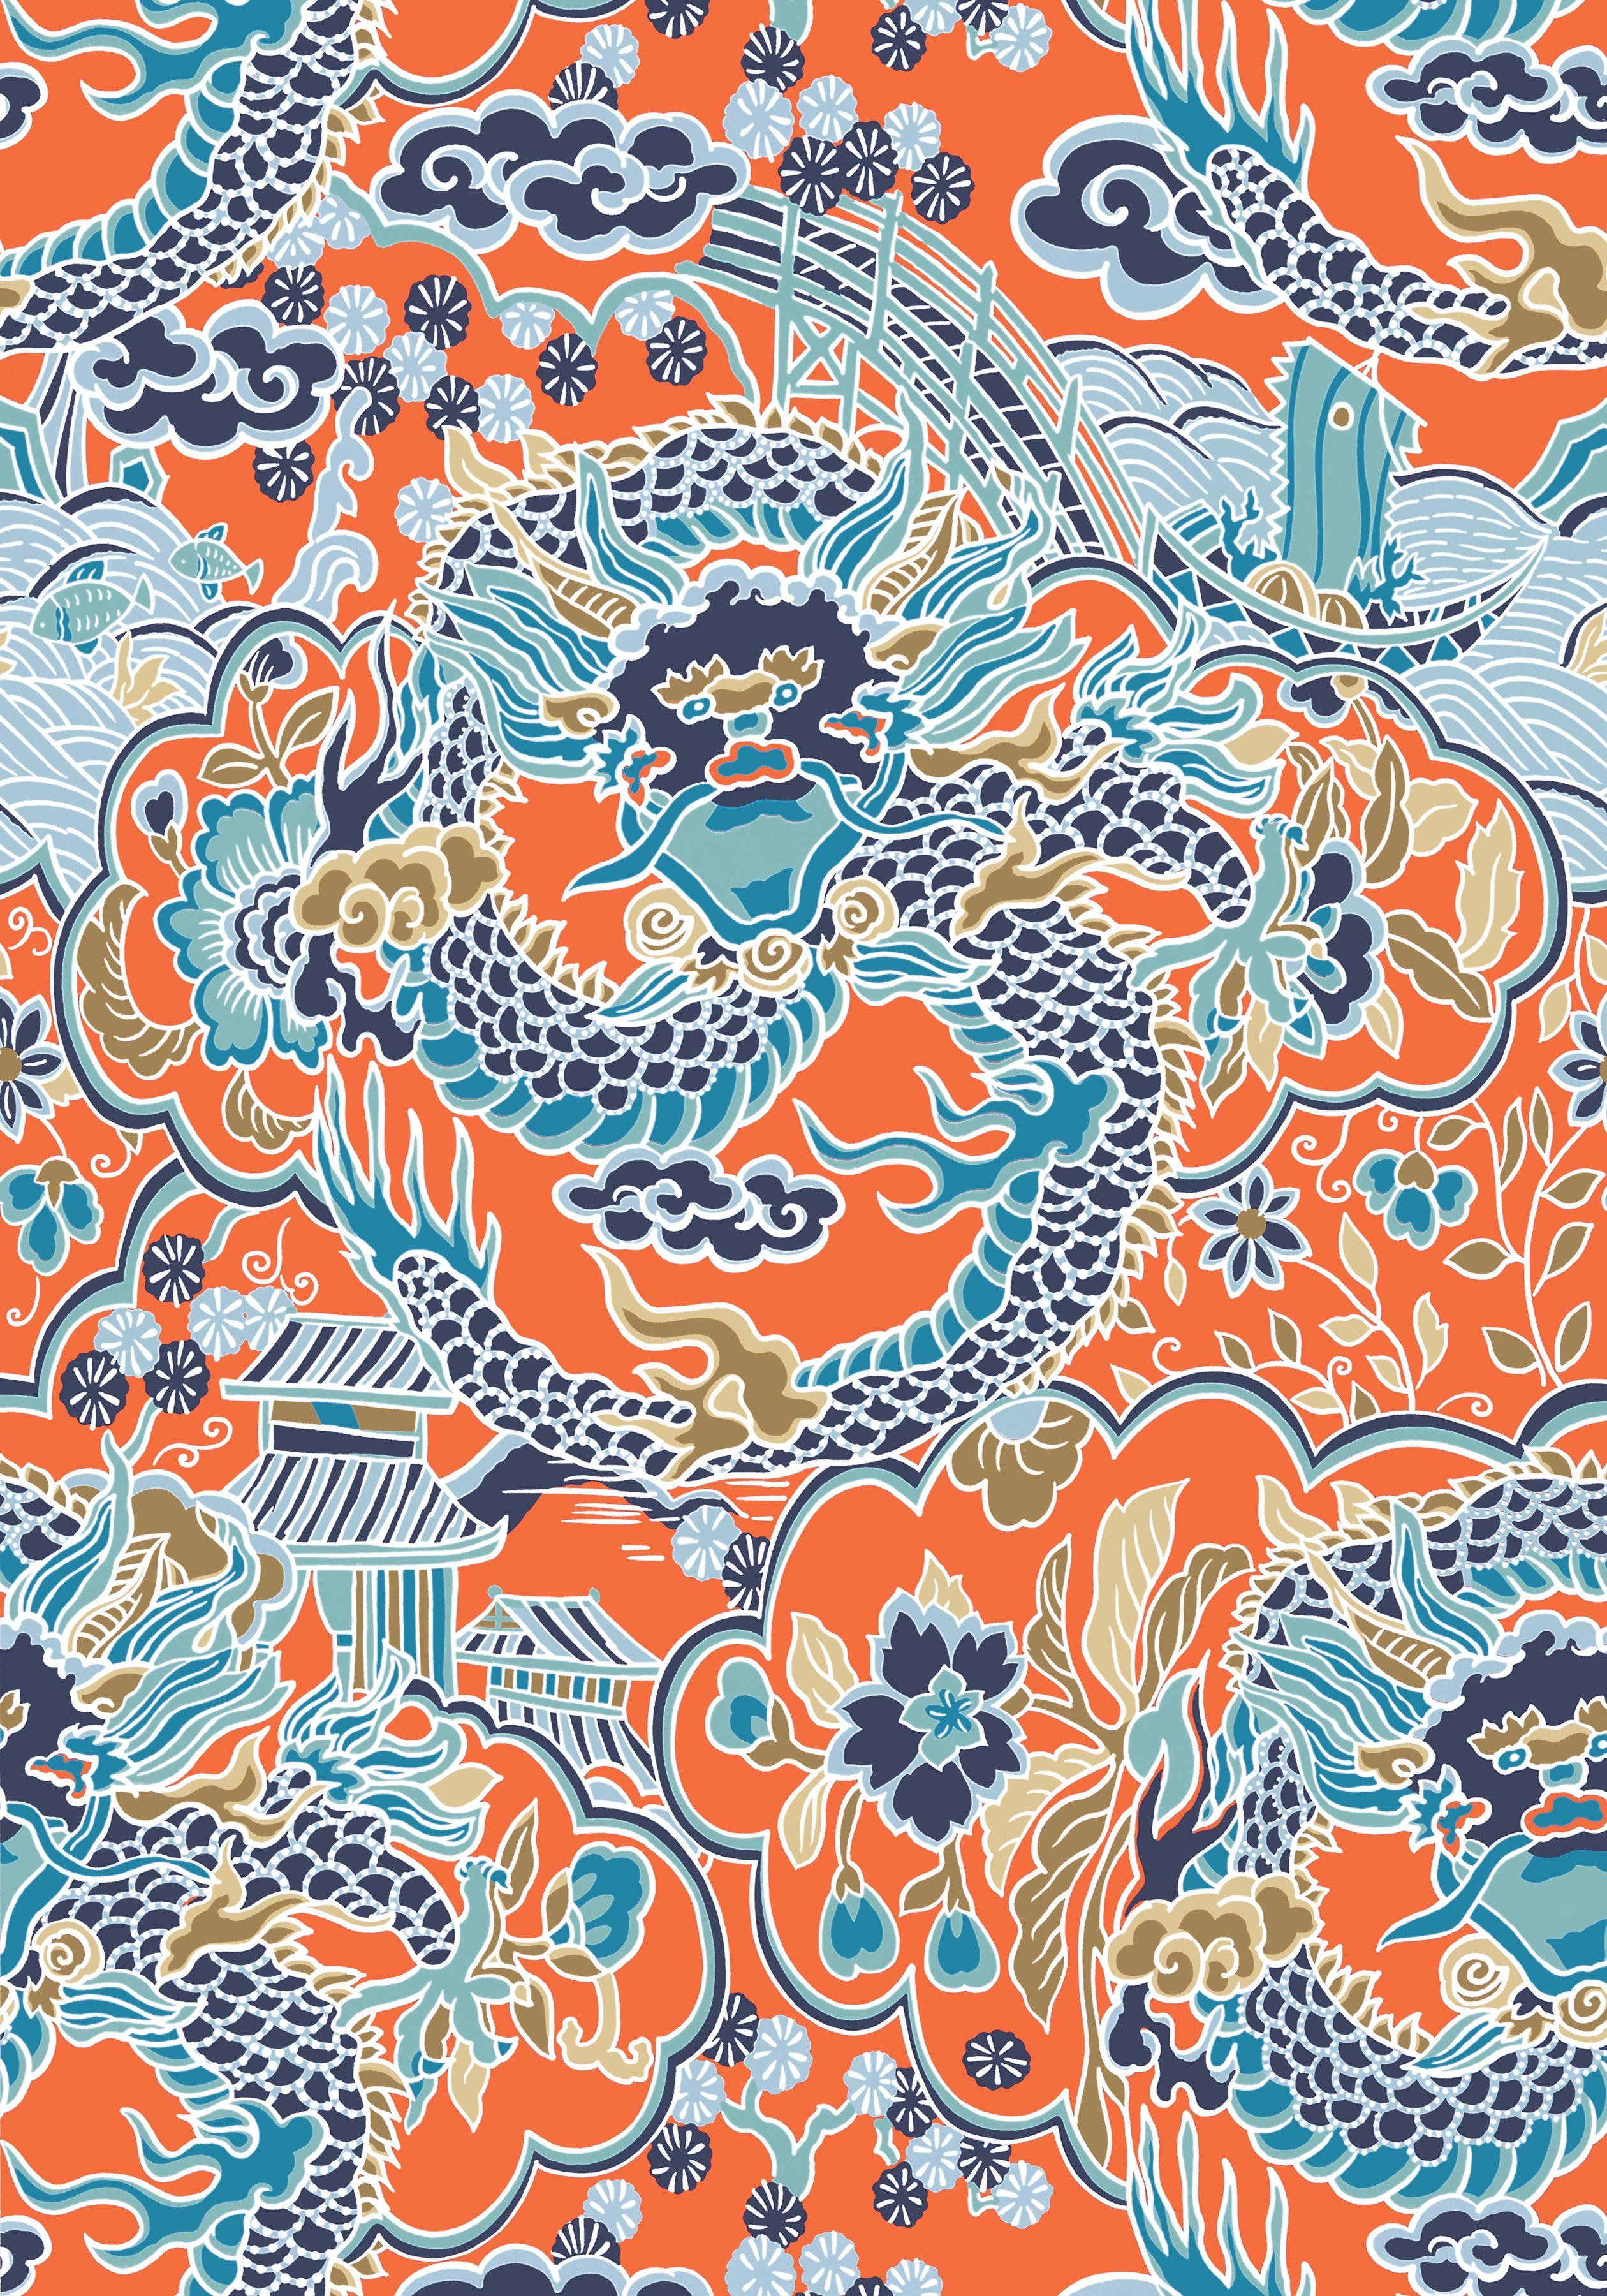 Songyue wallpaper in blue. Draperies in Songyue